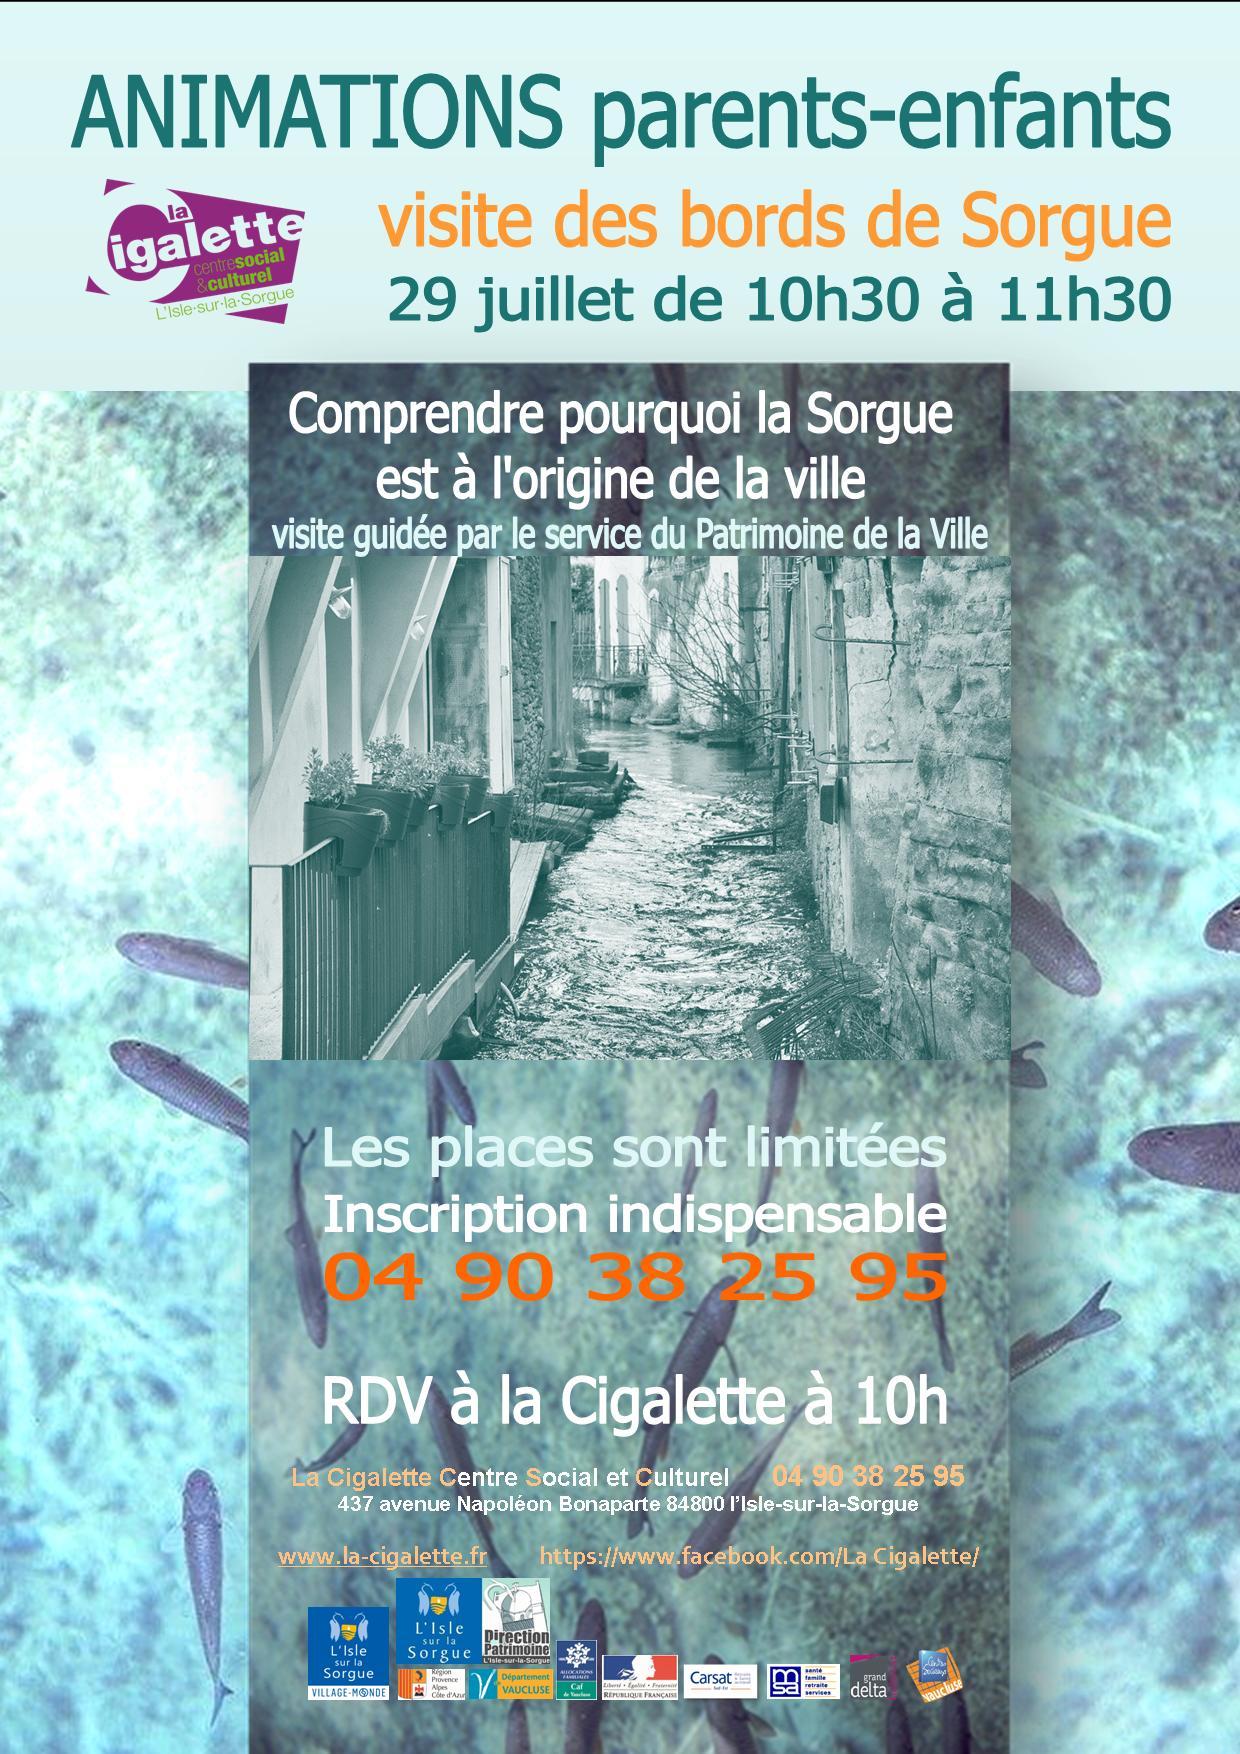 aff-sorgue-patrimoine-cig-29-juillet-2020.jpg